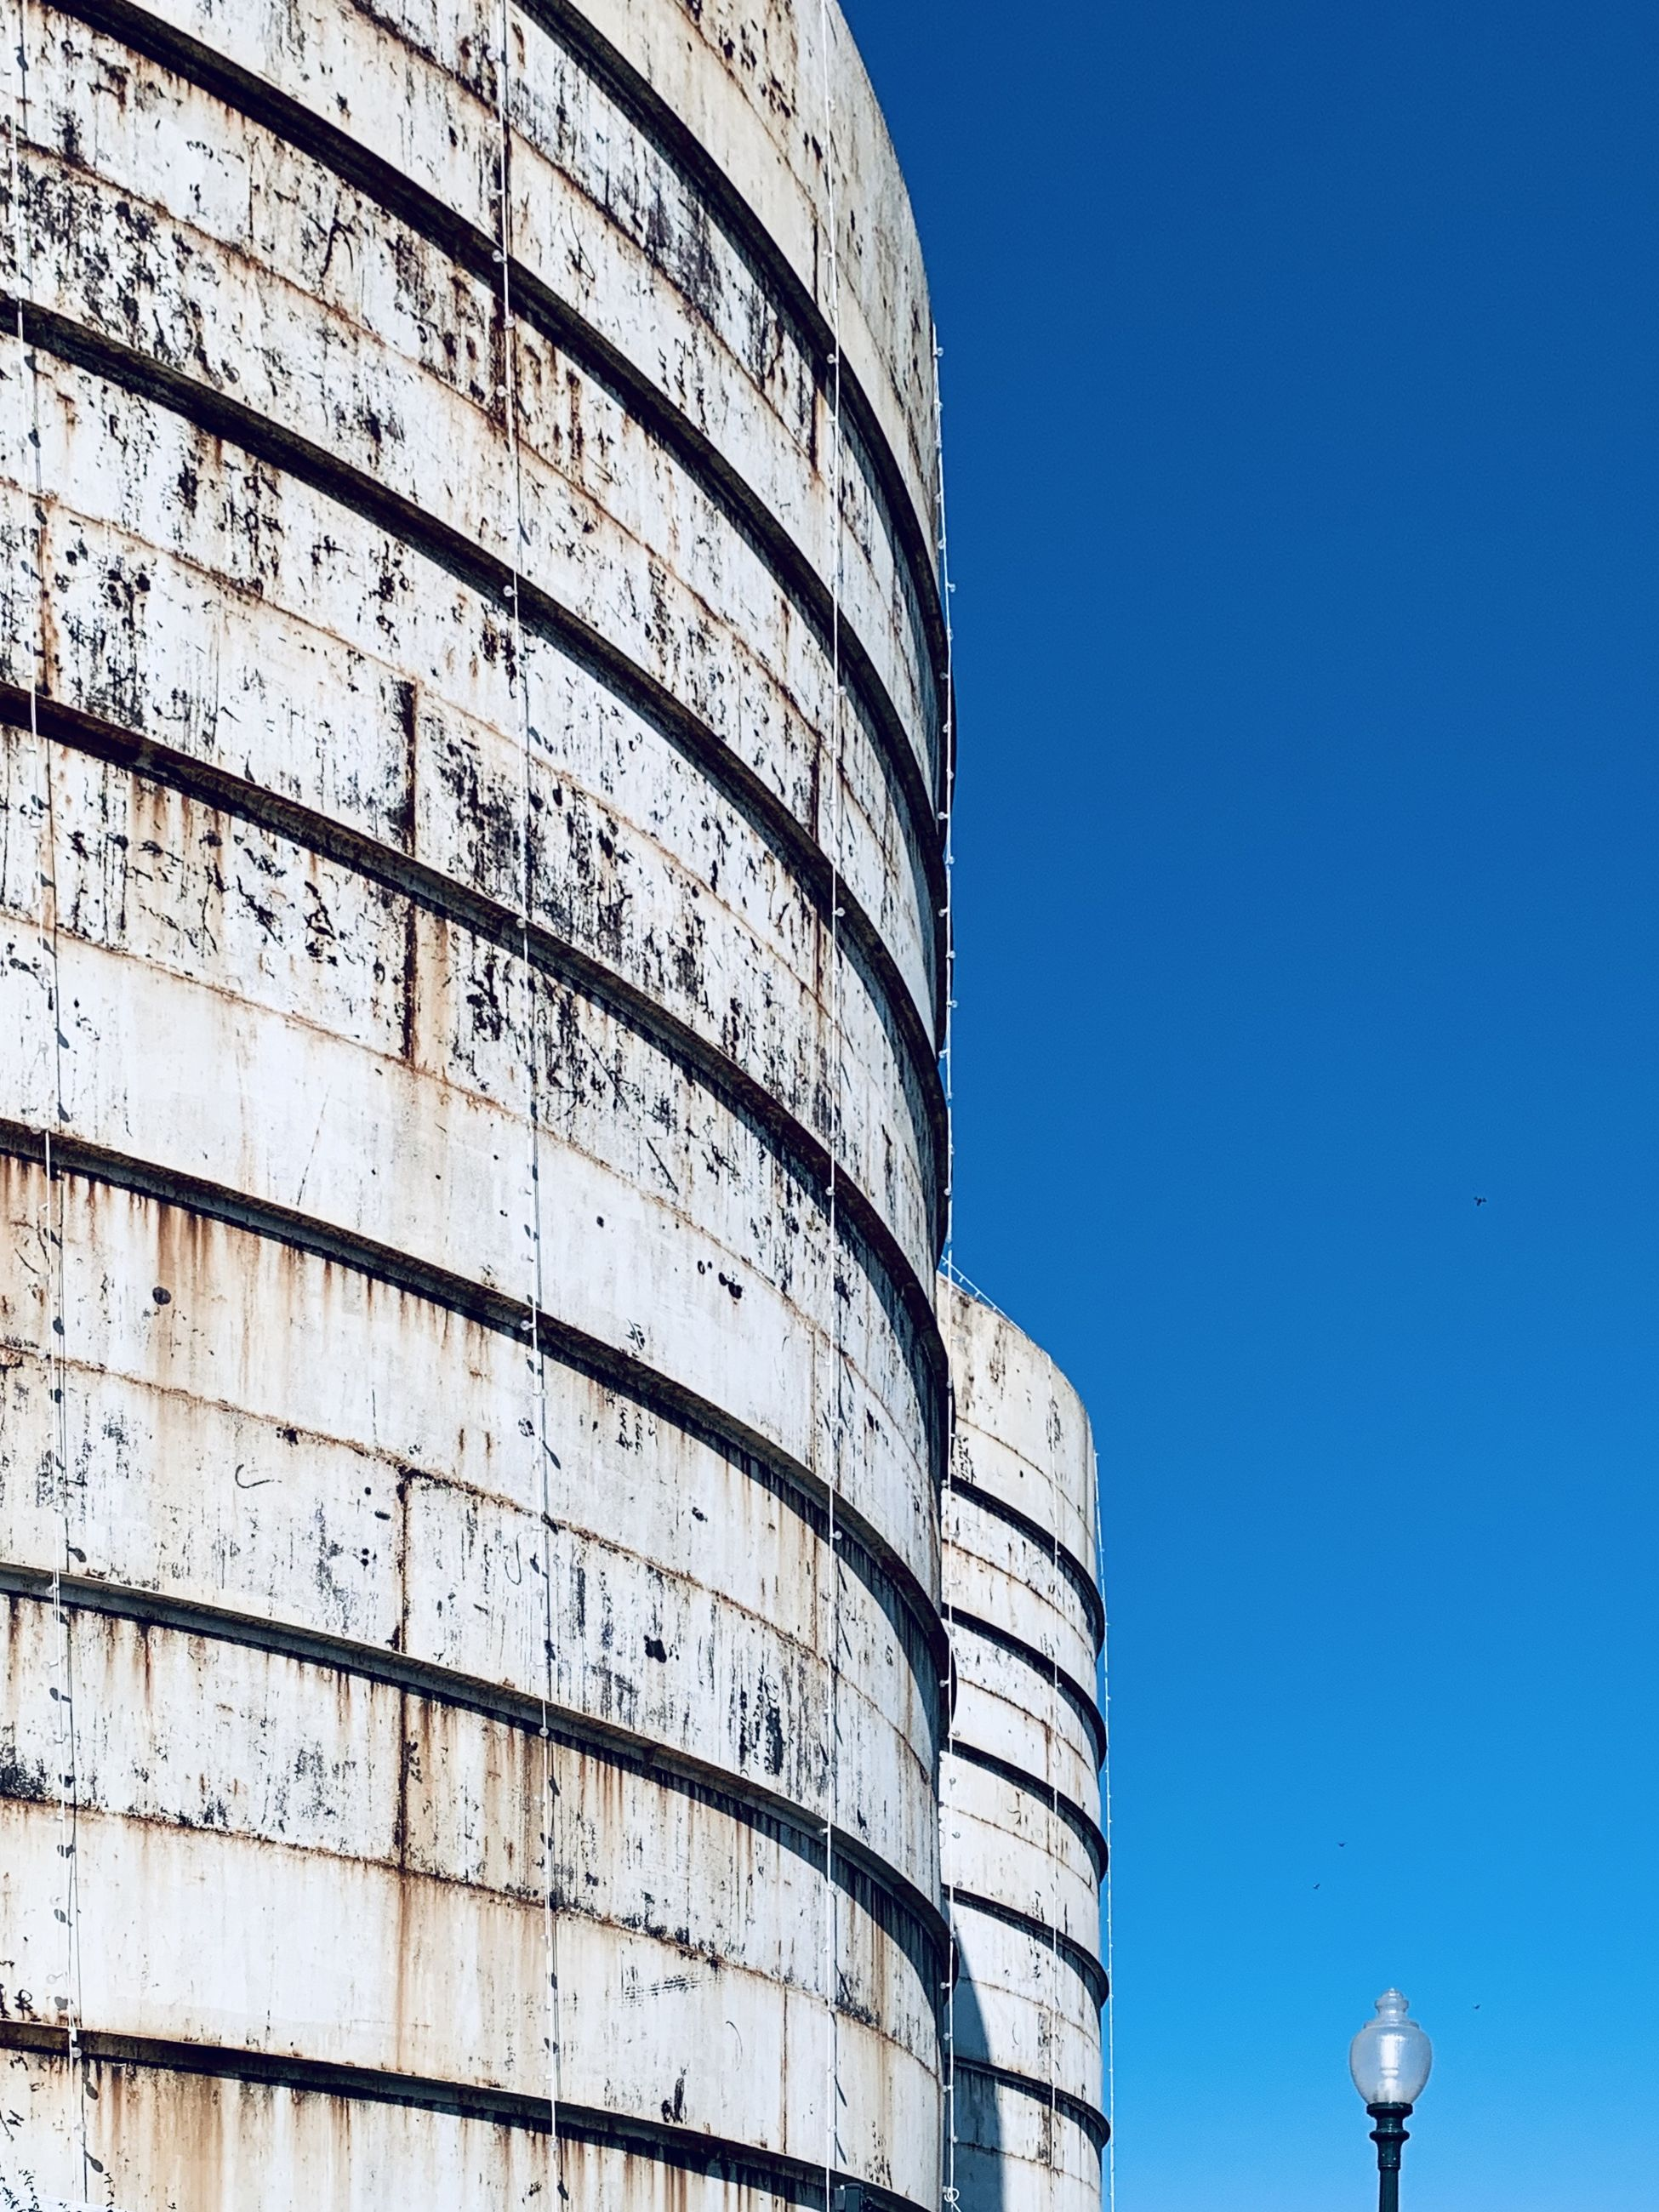 Texas silos